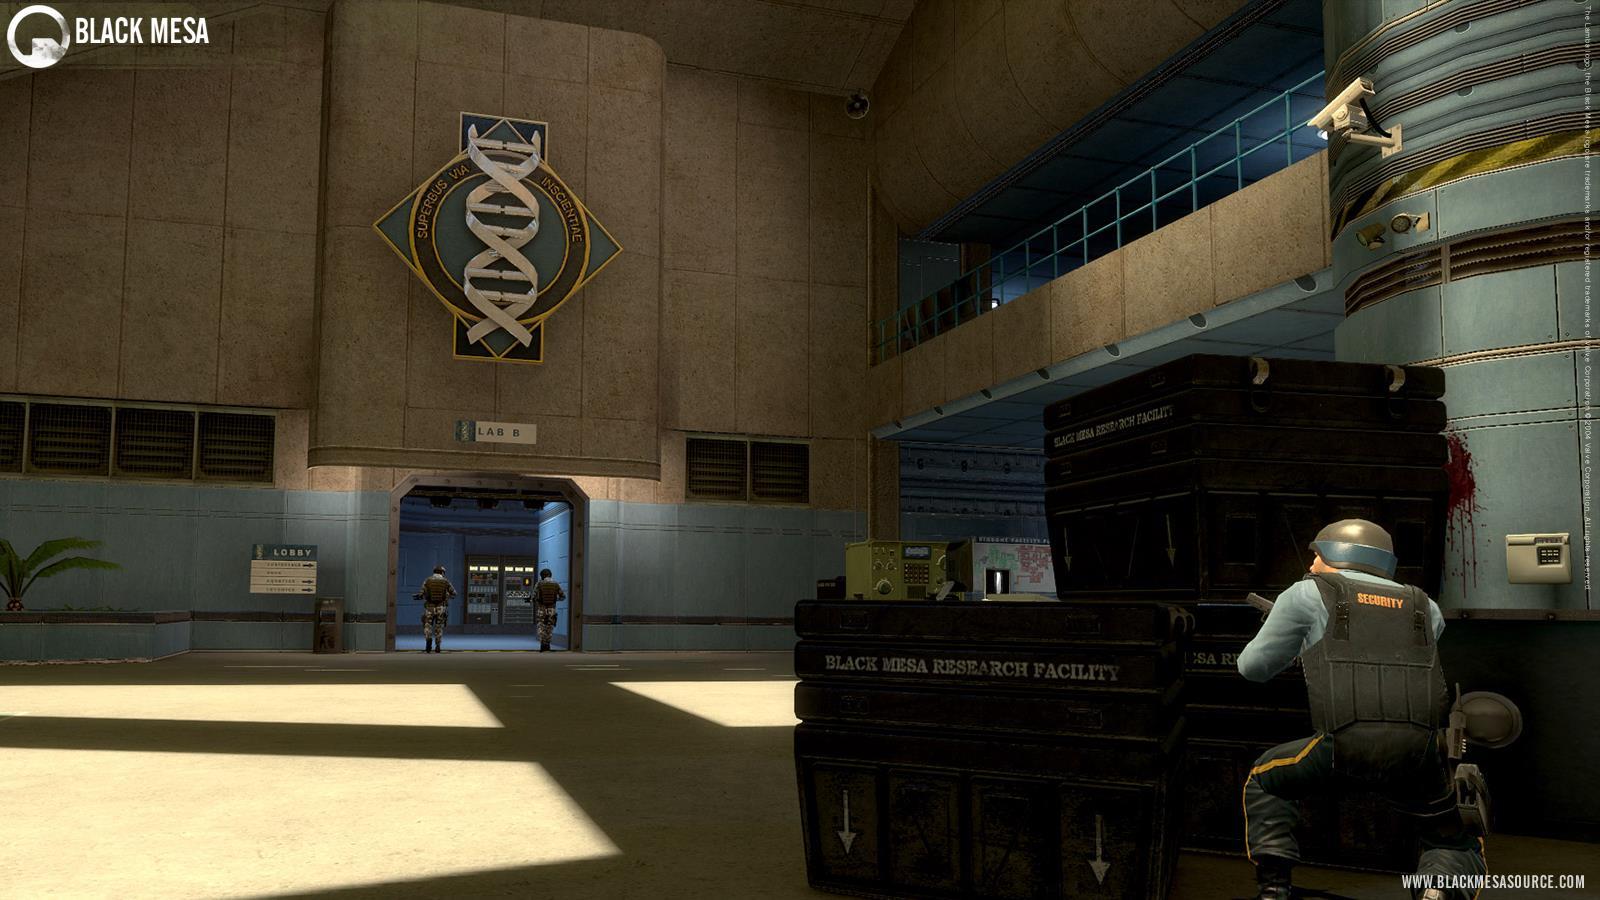 ¿Recuerdan el remake de Half Life llamado Black Mesa?, aun sigue vivo [Screenshots]